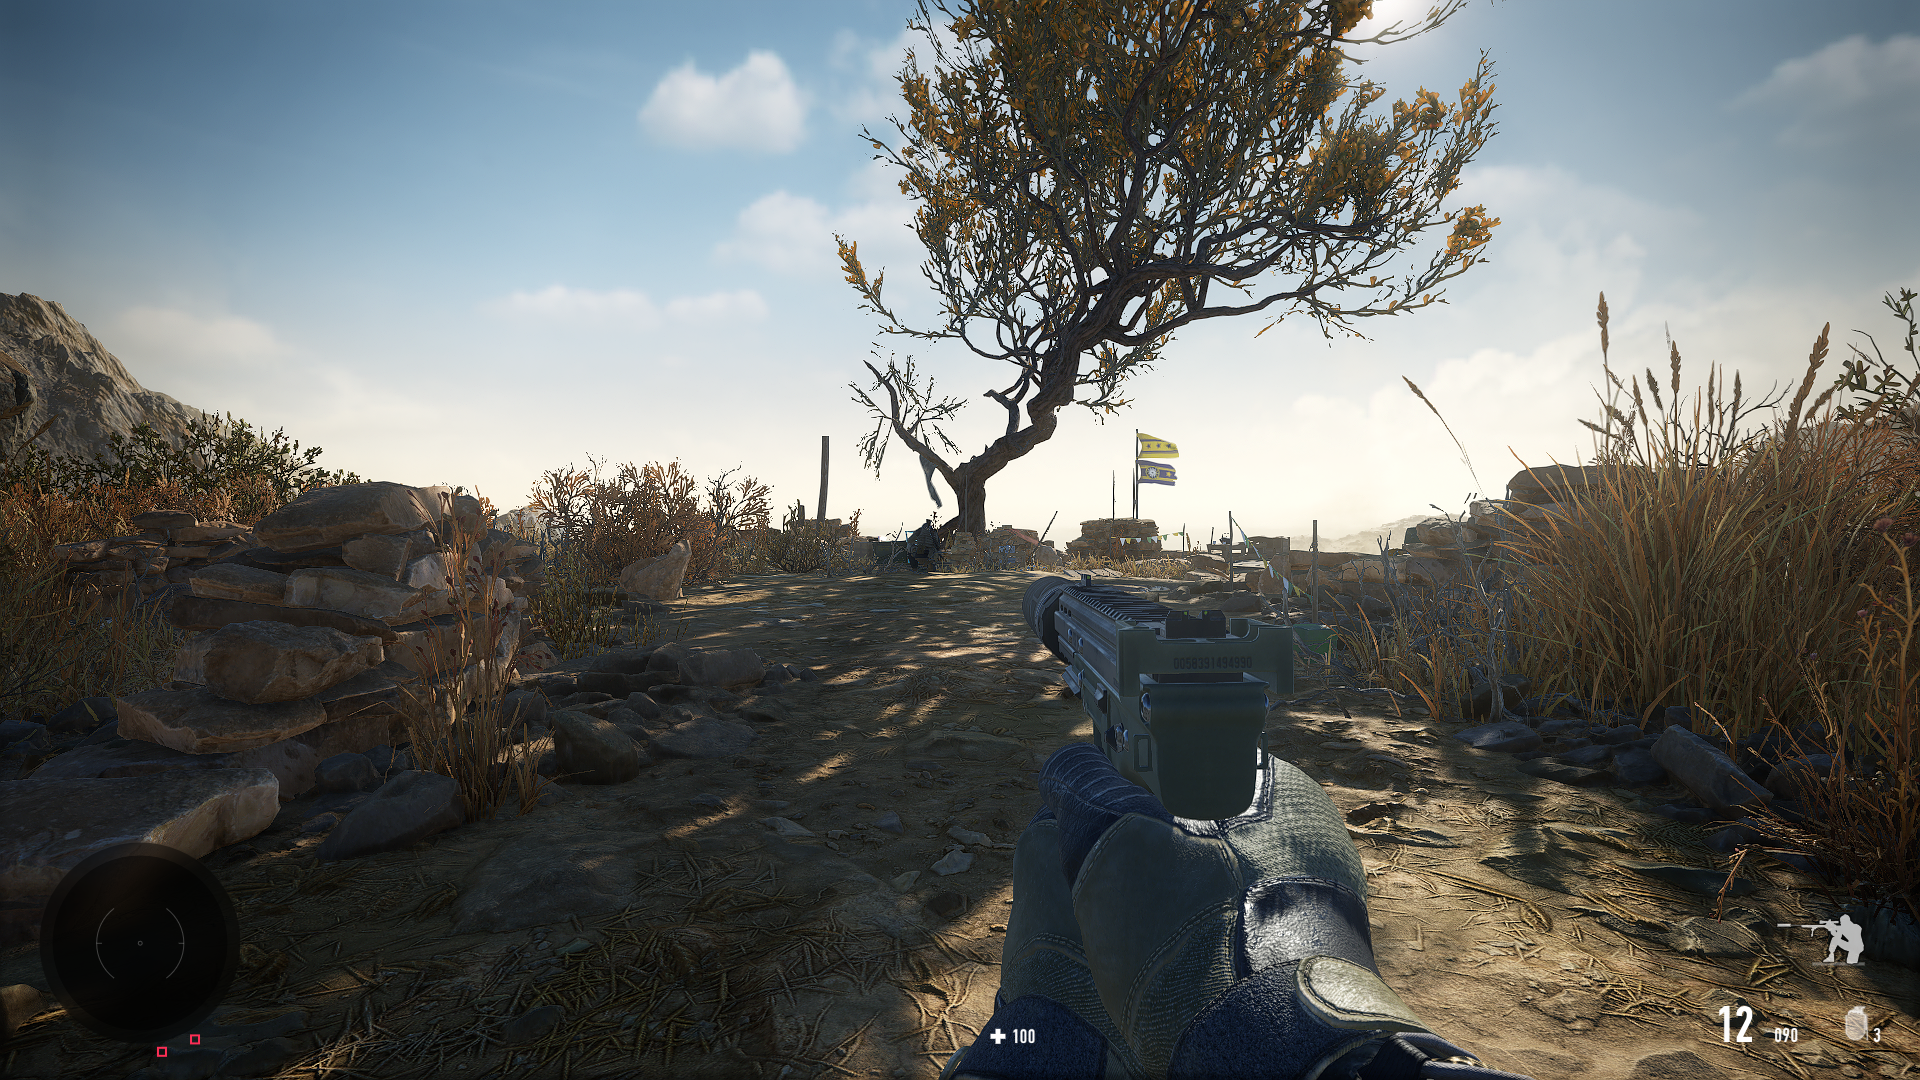 Po grafickej stránke nás hra milo prekvapila. Na novom Xboxe dokonca ponúkla aj režim hrania pri 60 fps.